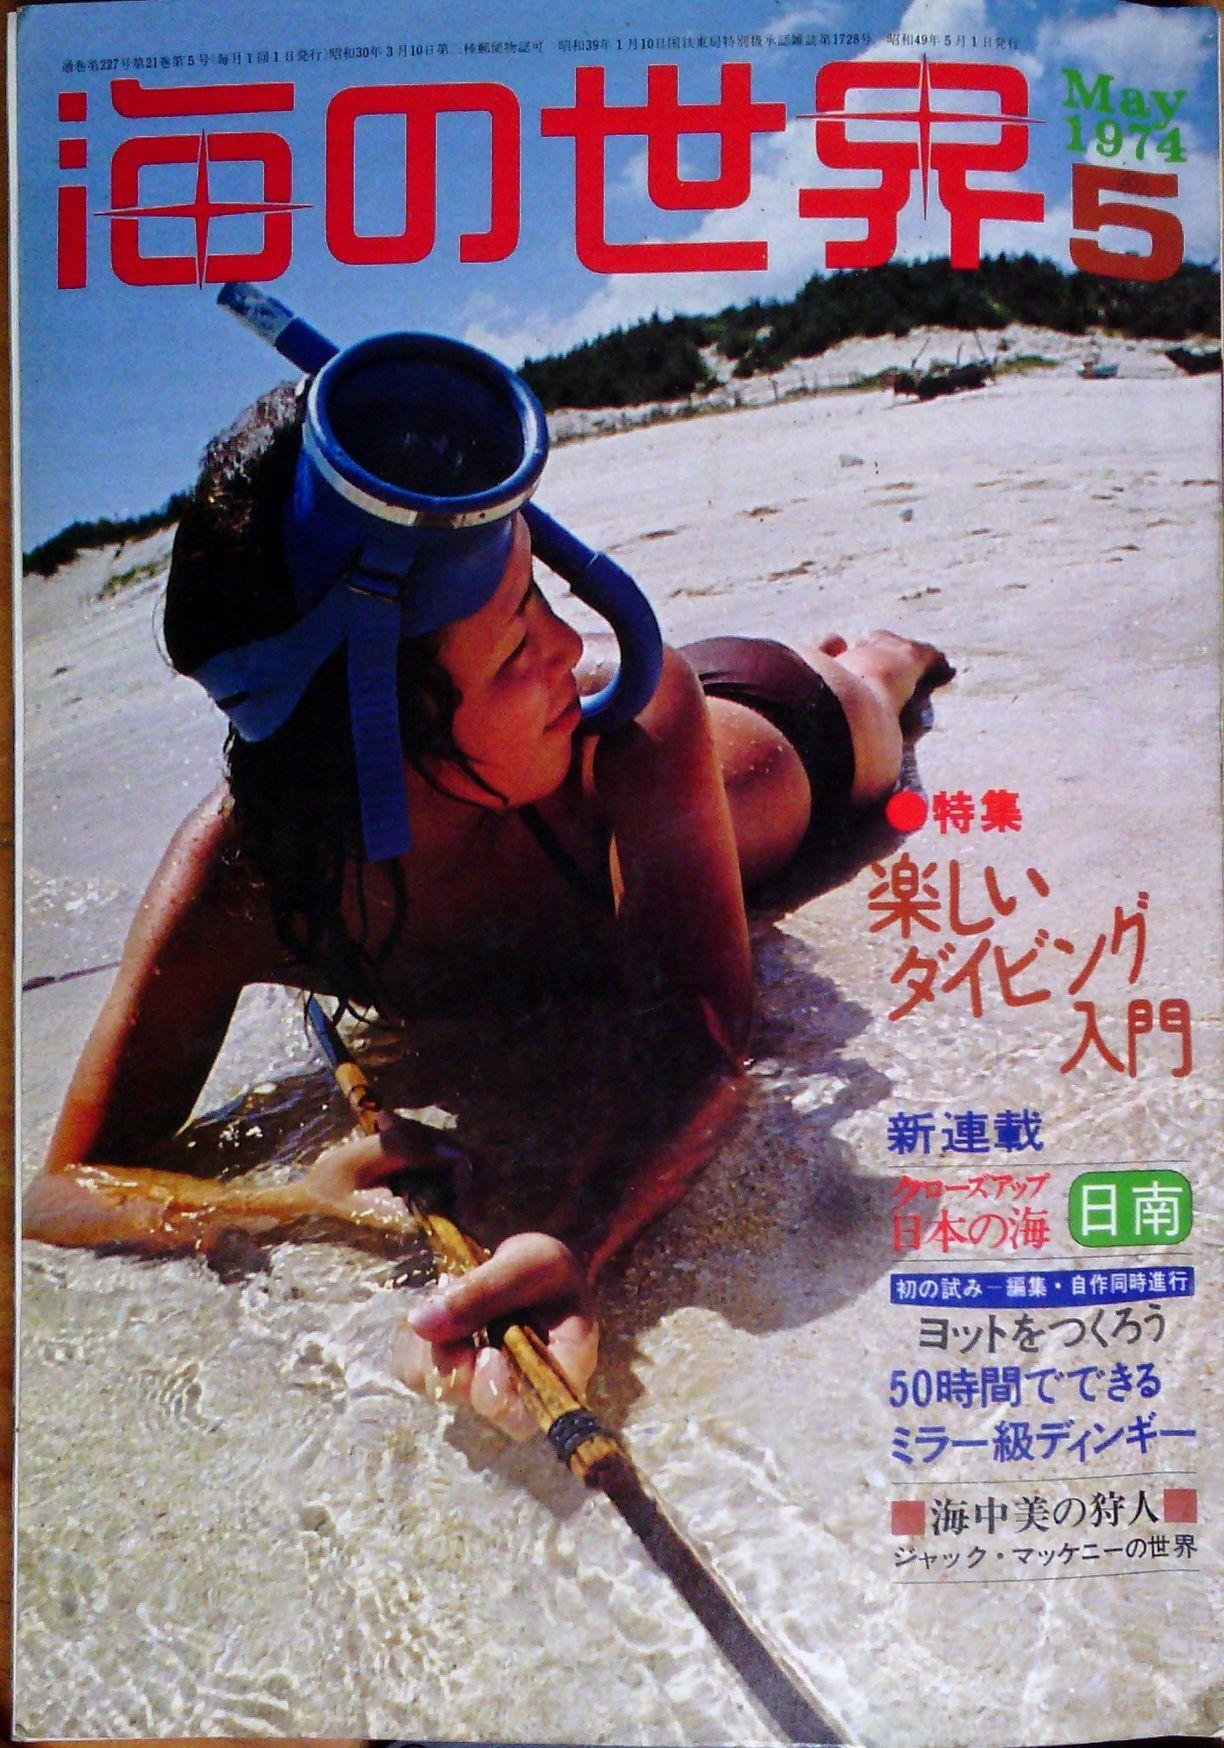 0513 ダイビングの歴史 70 海の世界 1974年 5月_b0075059_13111425.jpg